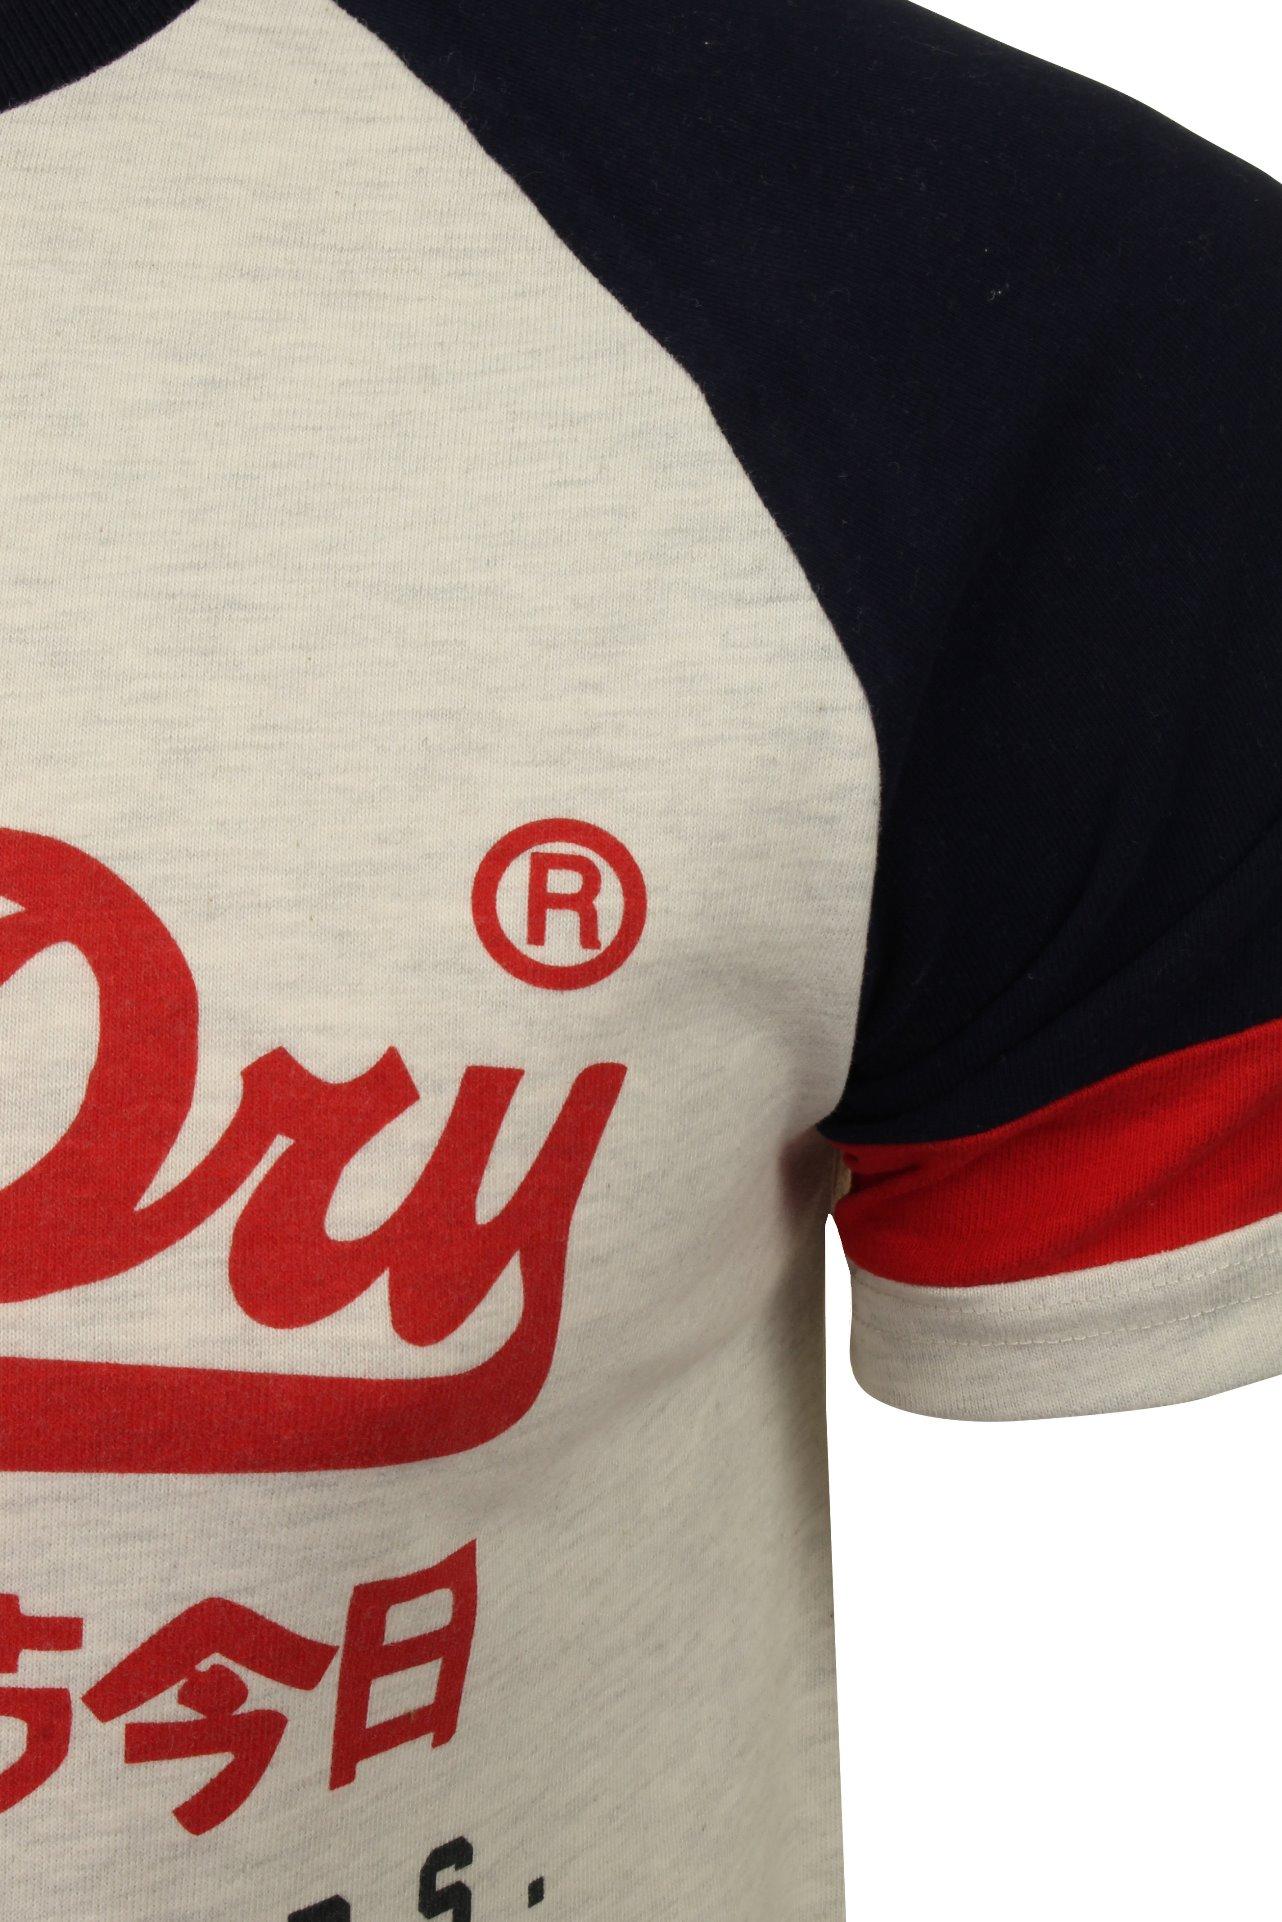 Superdry-Homme-Raglan-T-shirt-034-VL-tri-couleur-Raglan-Tee-034-a-Manches-Courtes miniature 7